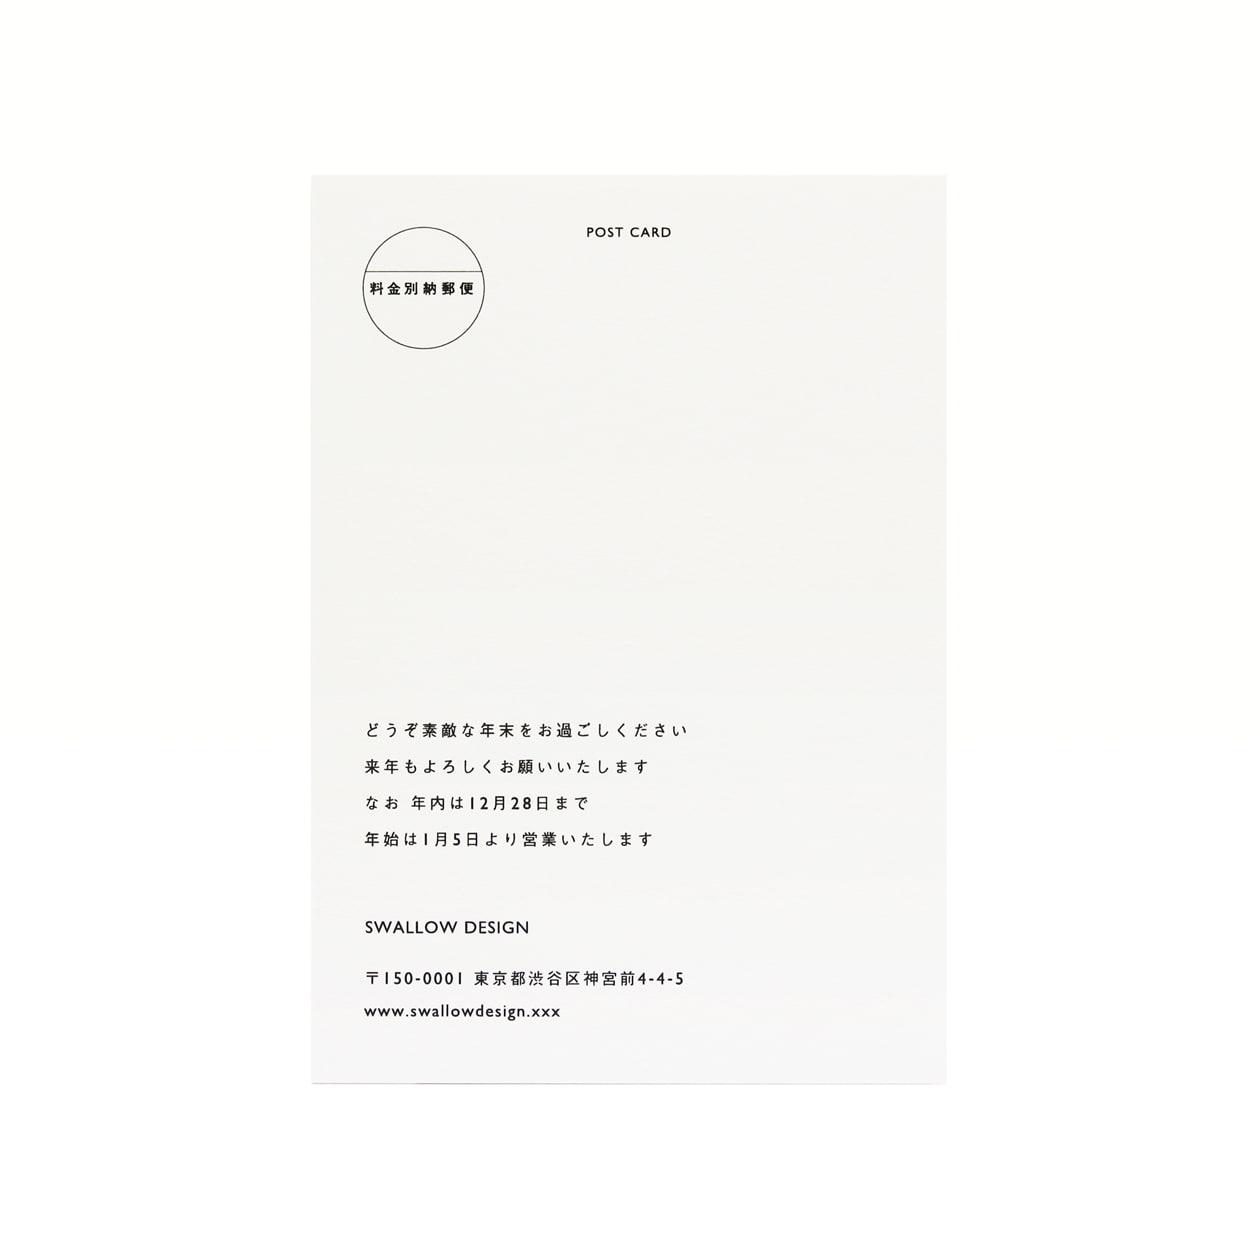 サンプル カード・シート 00459